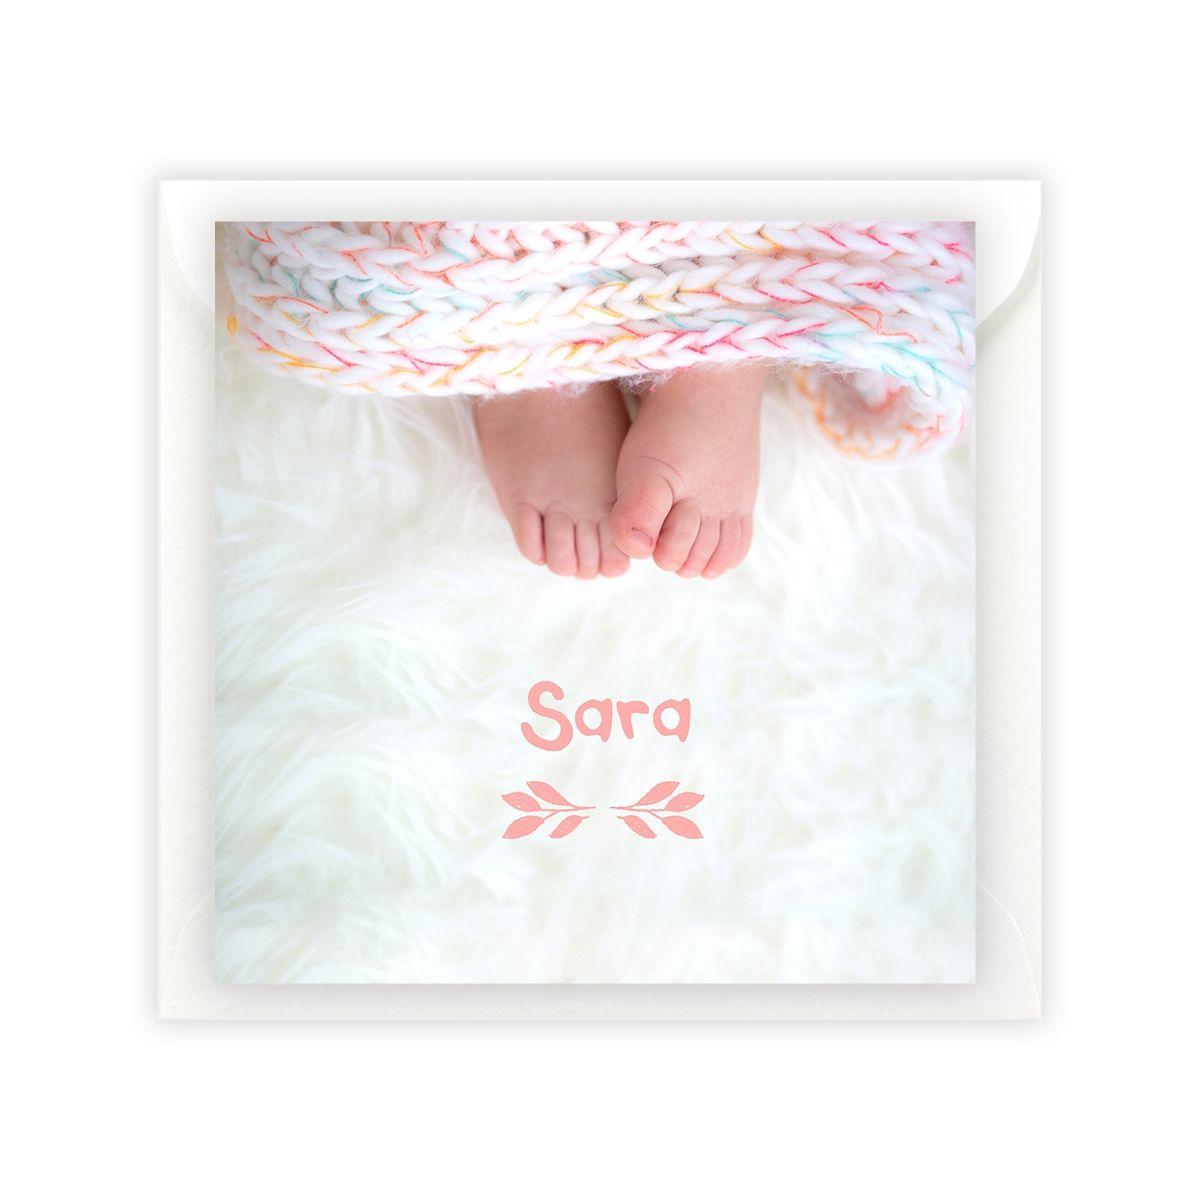 Invitación díptico bautizo Feet